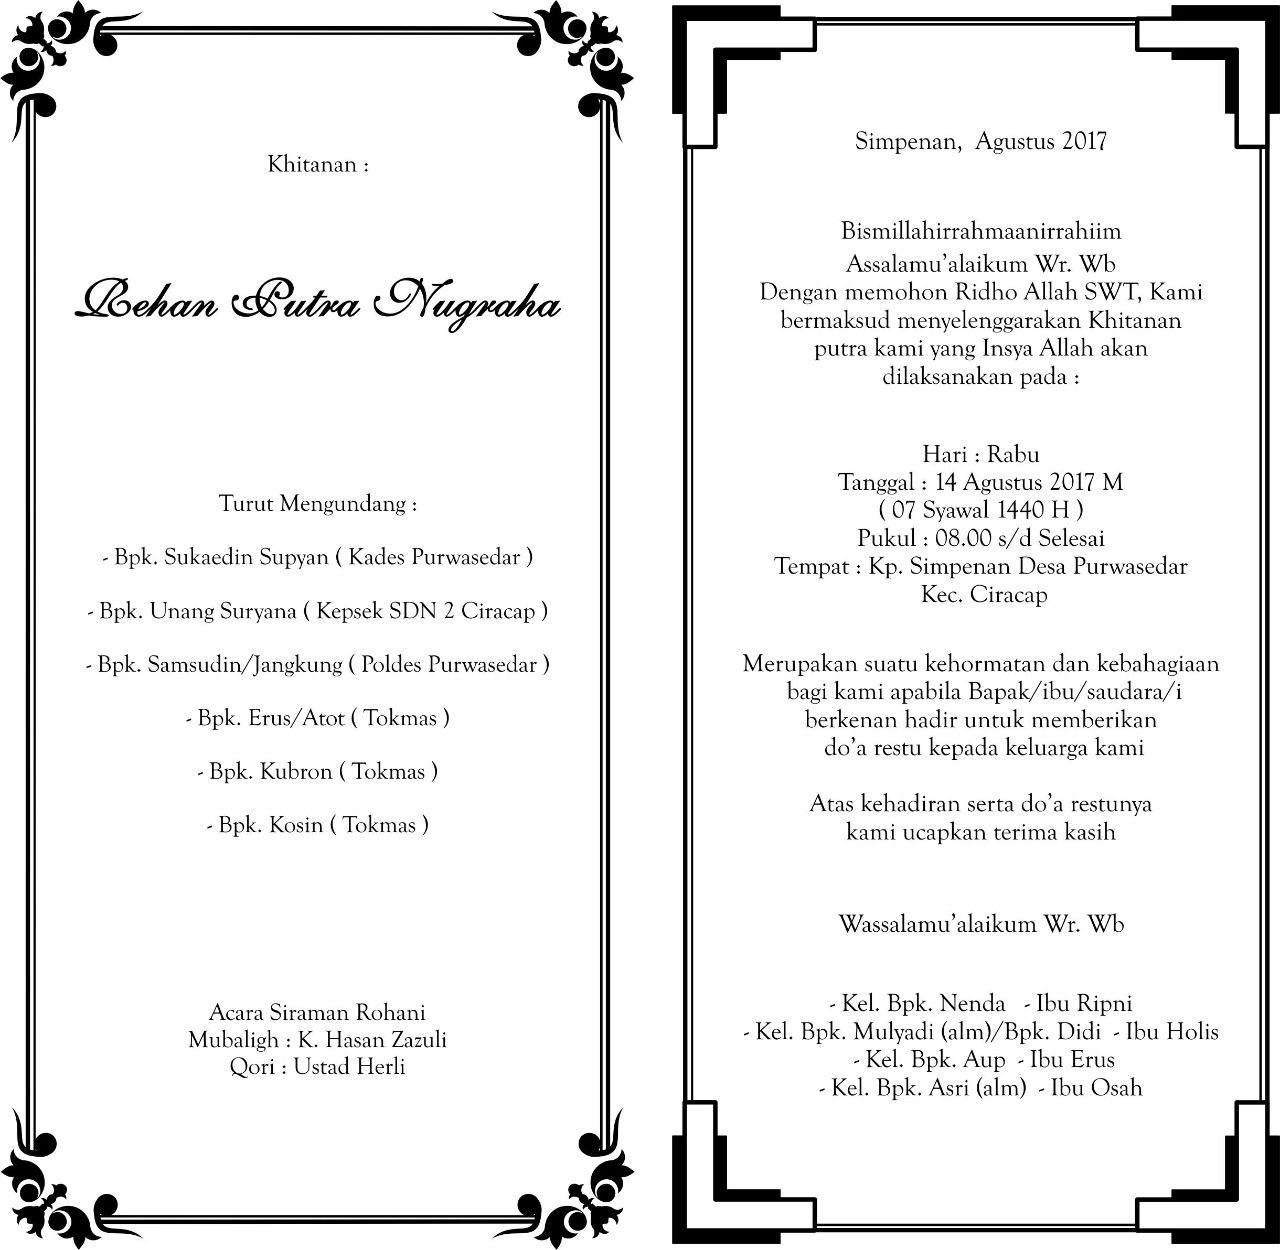 desain undangan khitanan yang bisa di edit   Undangan, Desain ...